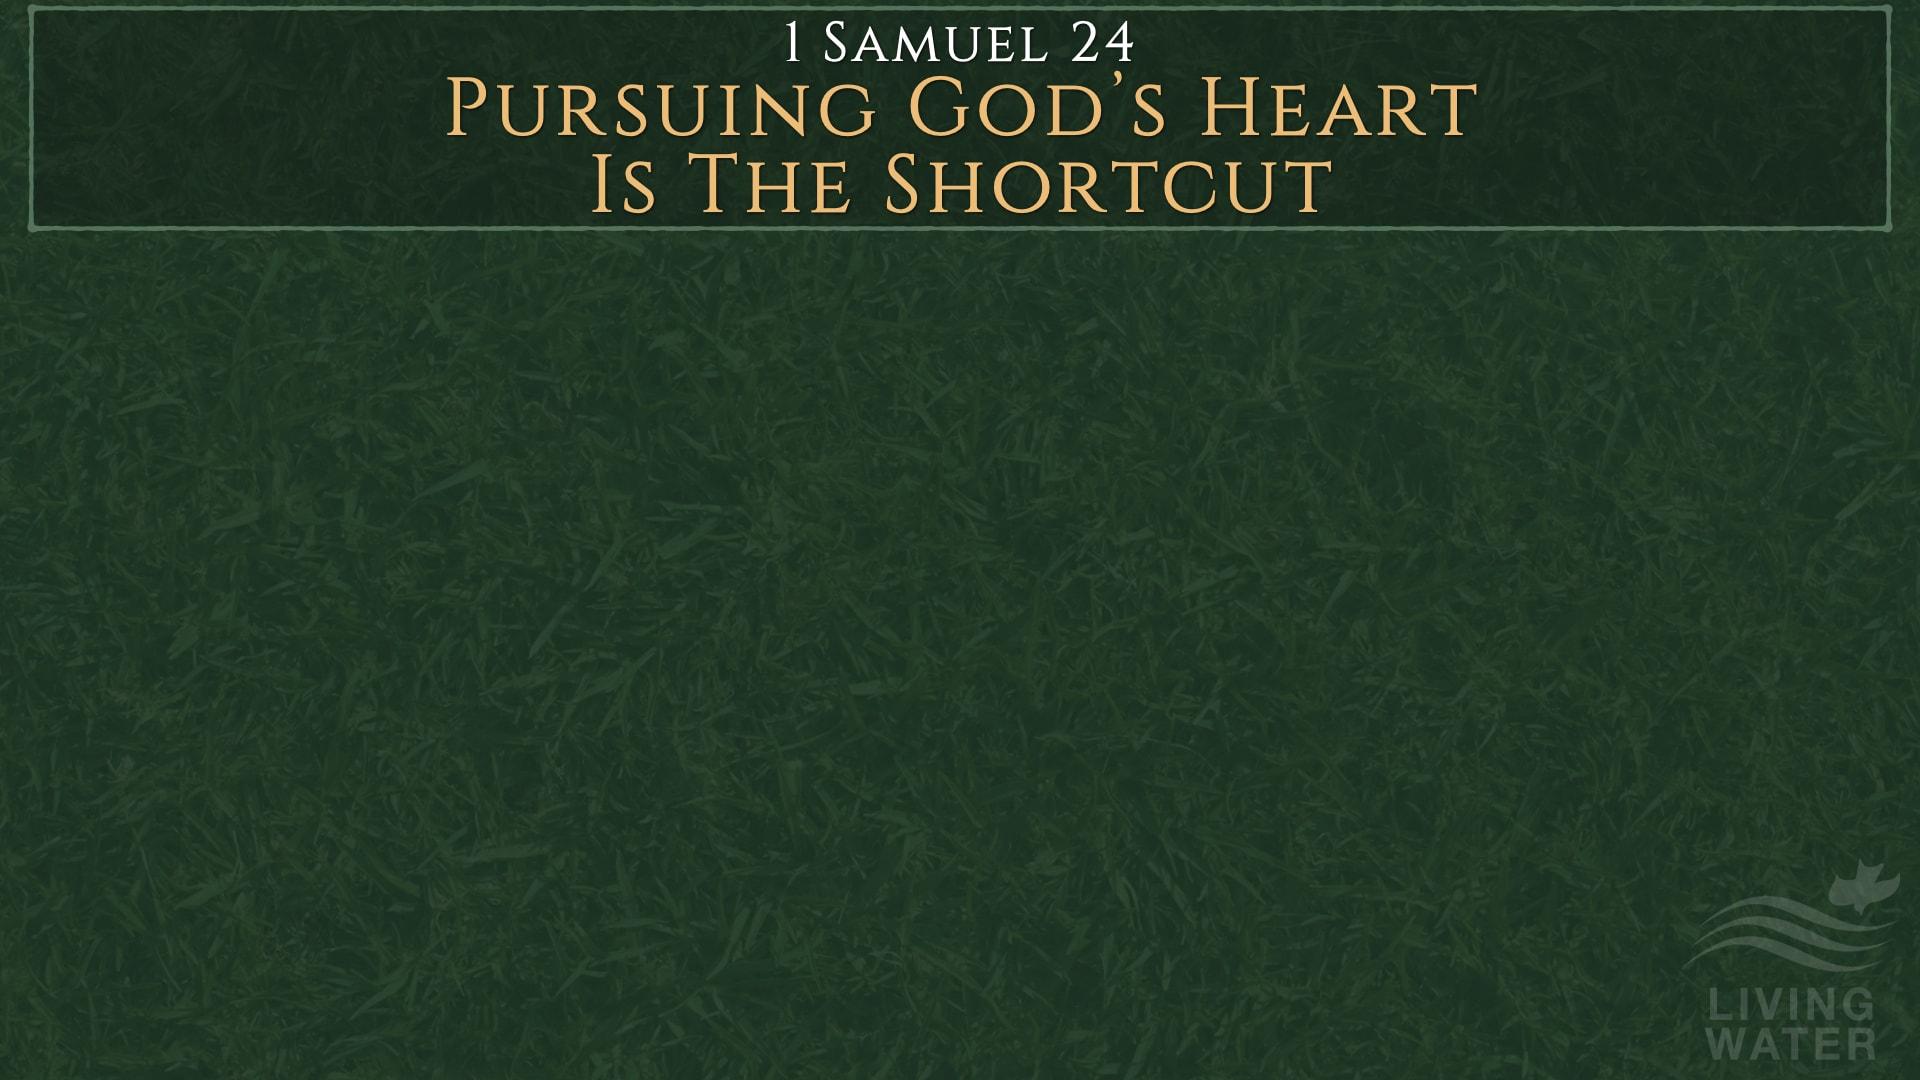 1 Samuel 24, Pursuing God's Heart Is The Shortcut